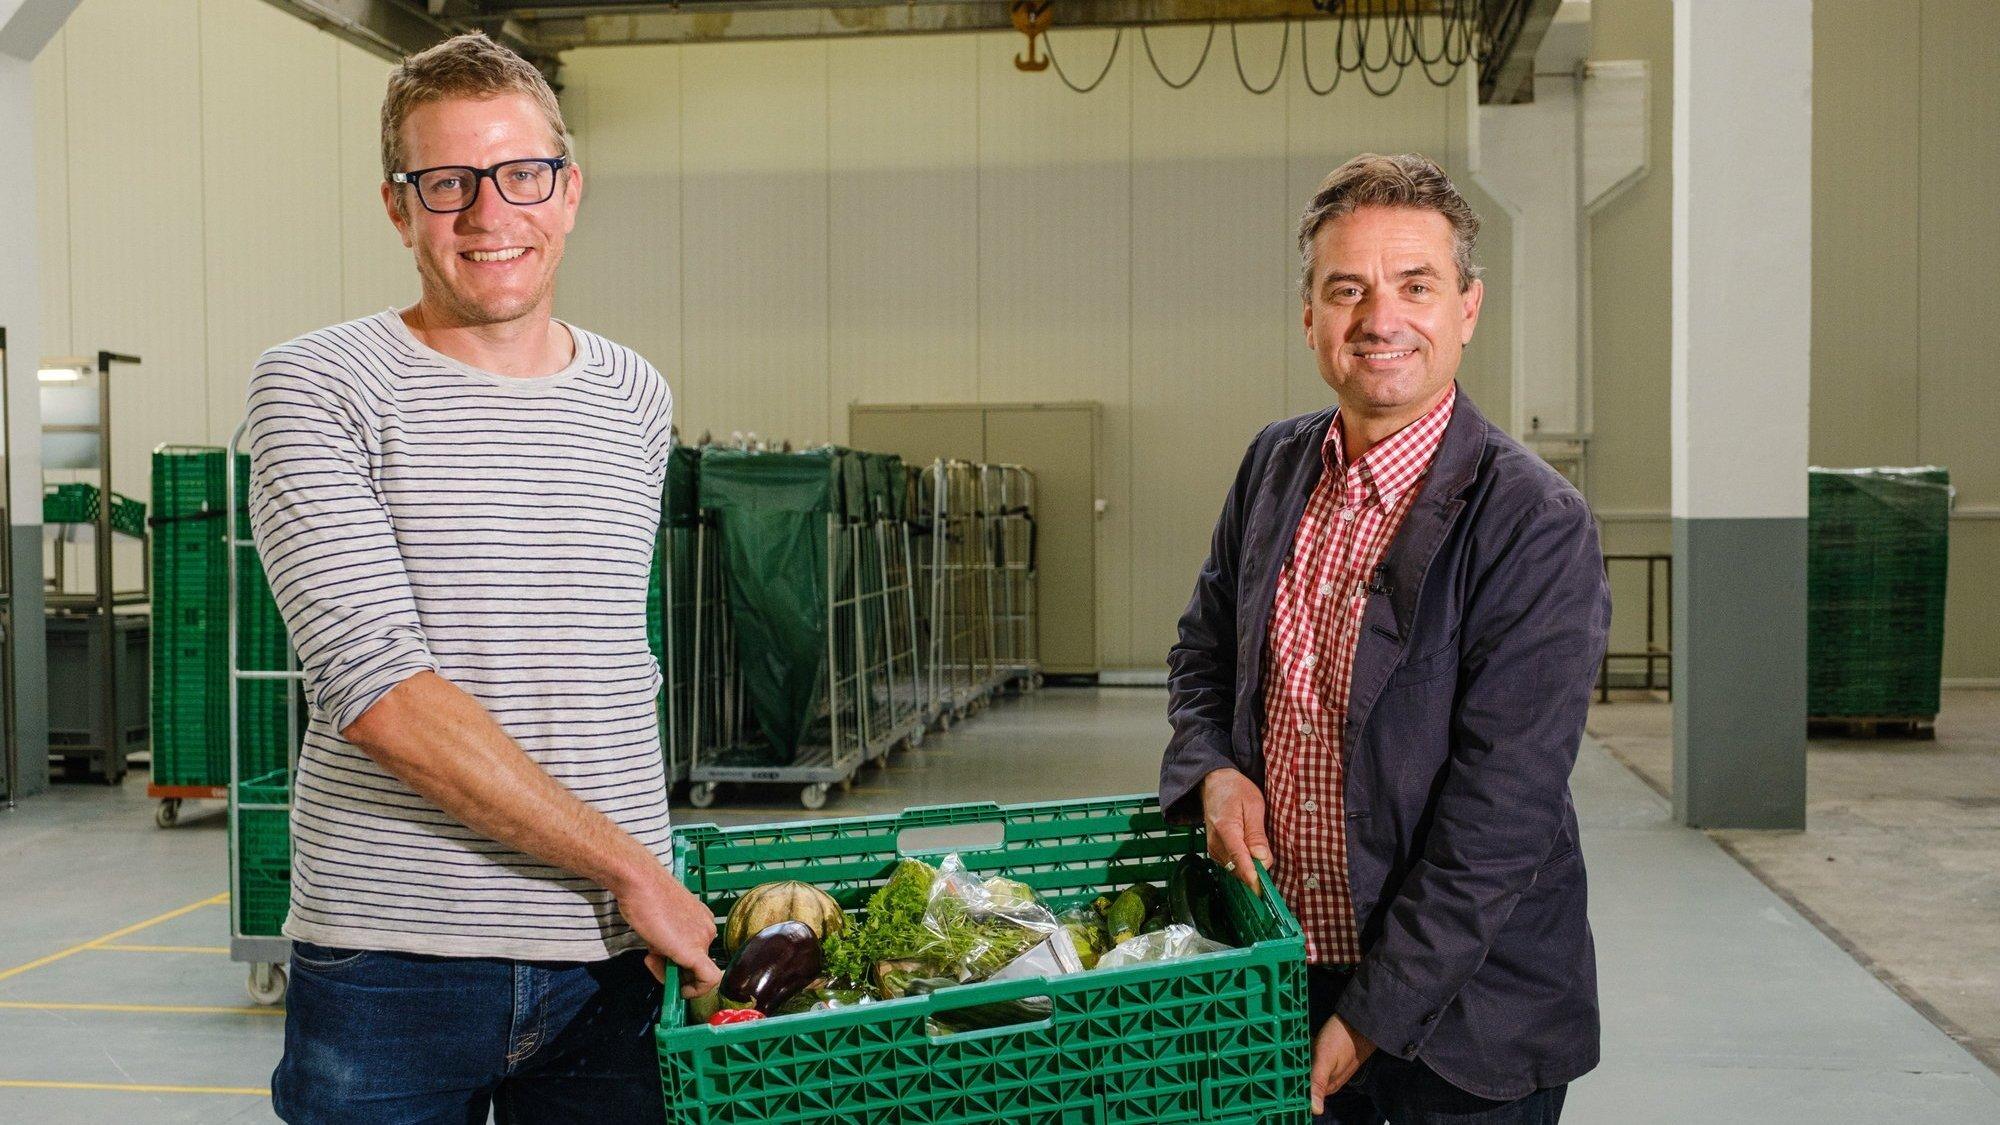 Baptiste Marmier, responsable région Vaud et Neuchâtel pour Table Suisse, et Alex Stähli, directeur de Table couvre-toi, s'unissent avec d'autres partenaires actifs dans le domaine de l'aide alimentaire pour lutter contre le gaspillage de nourriture et la précarité.